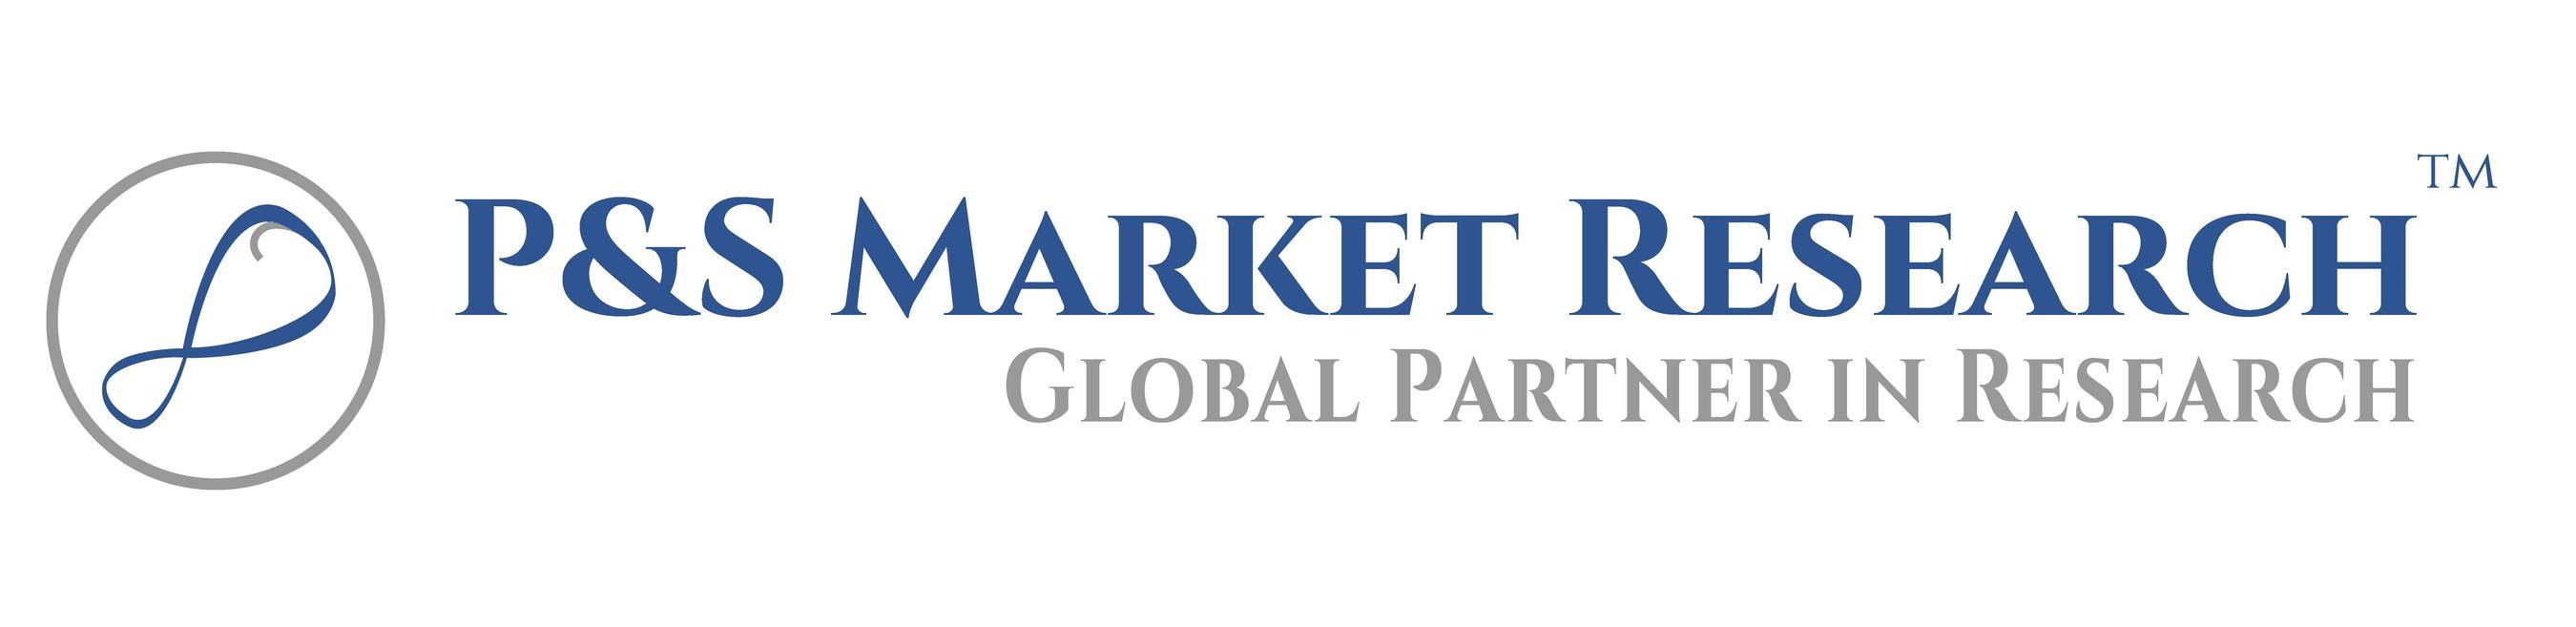 P&S Market Research Logo (PRNewsFoto/P&S Market Research)